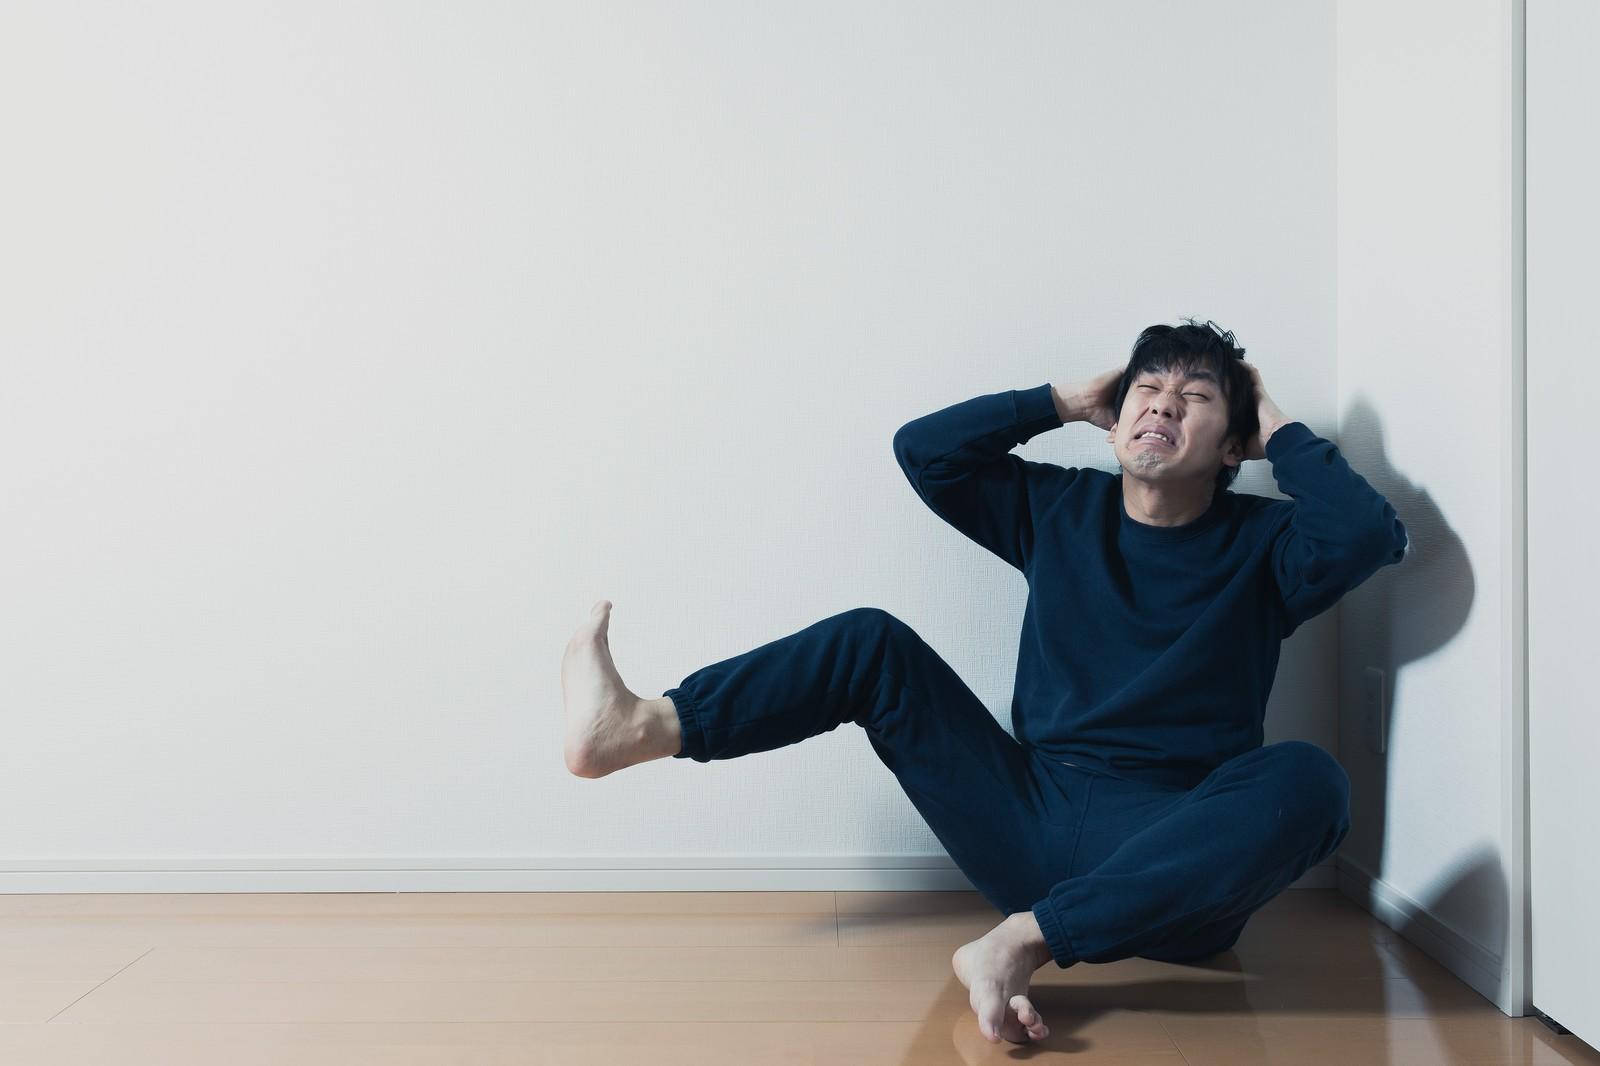 ストレス性の体調不良と病院治療〜改善するためのポイント